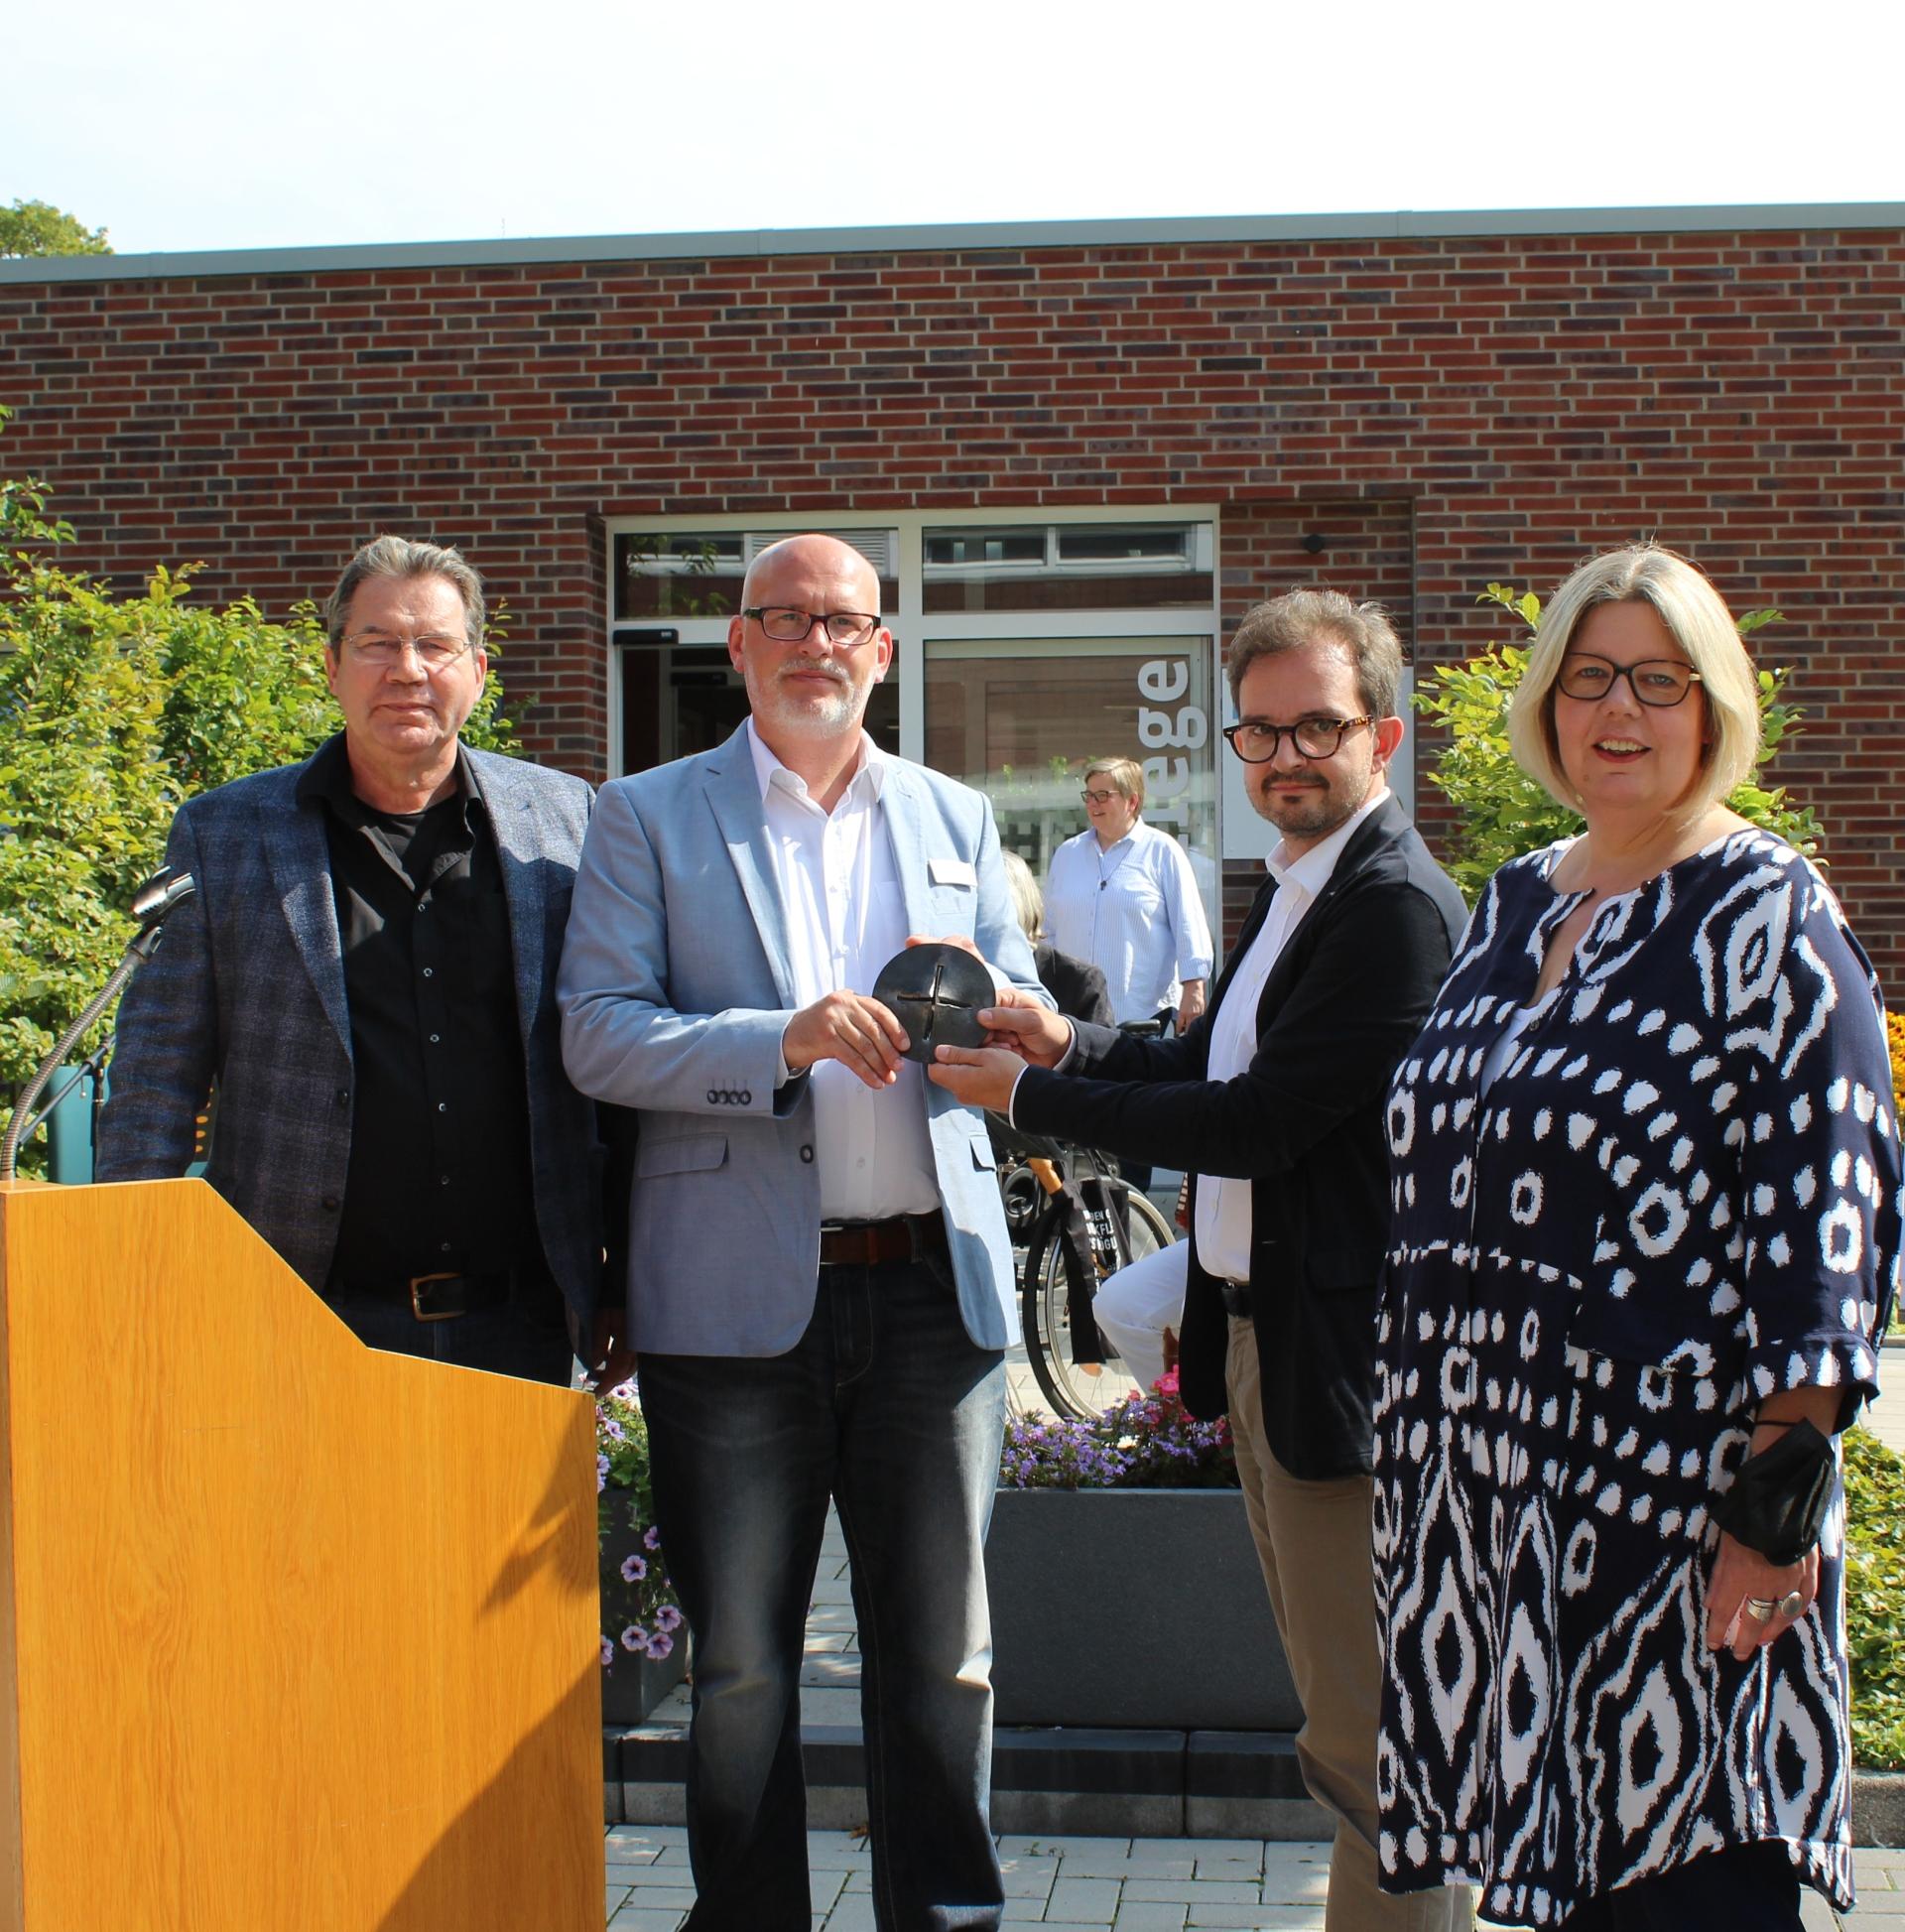 Foto (v.links): Ulrich Schülbe, Thorsten Kloster, Pfarrer Sven Waske, Stefanie Duesmann